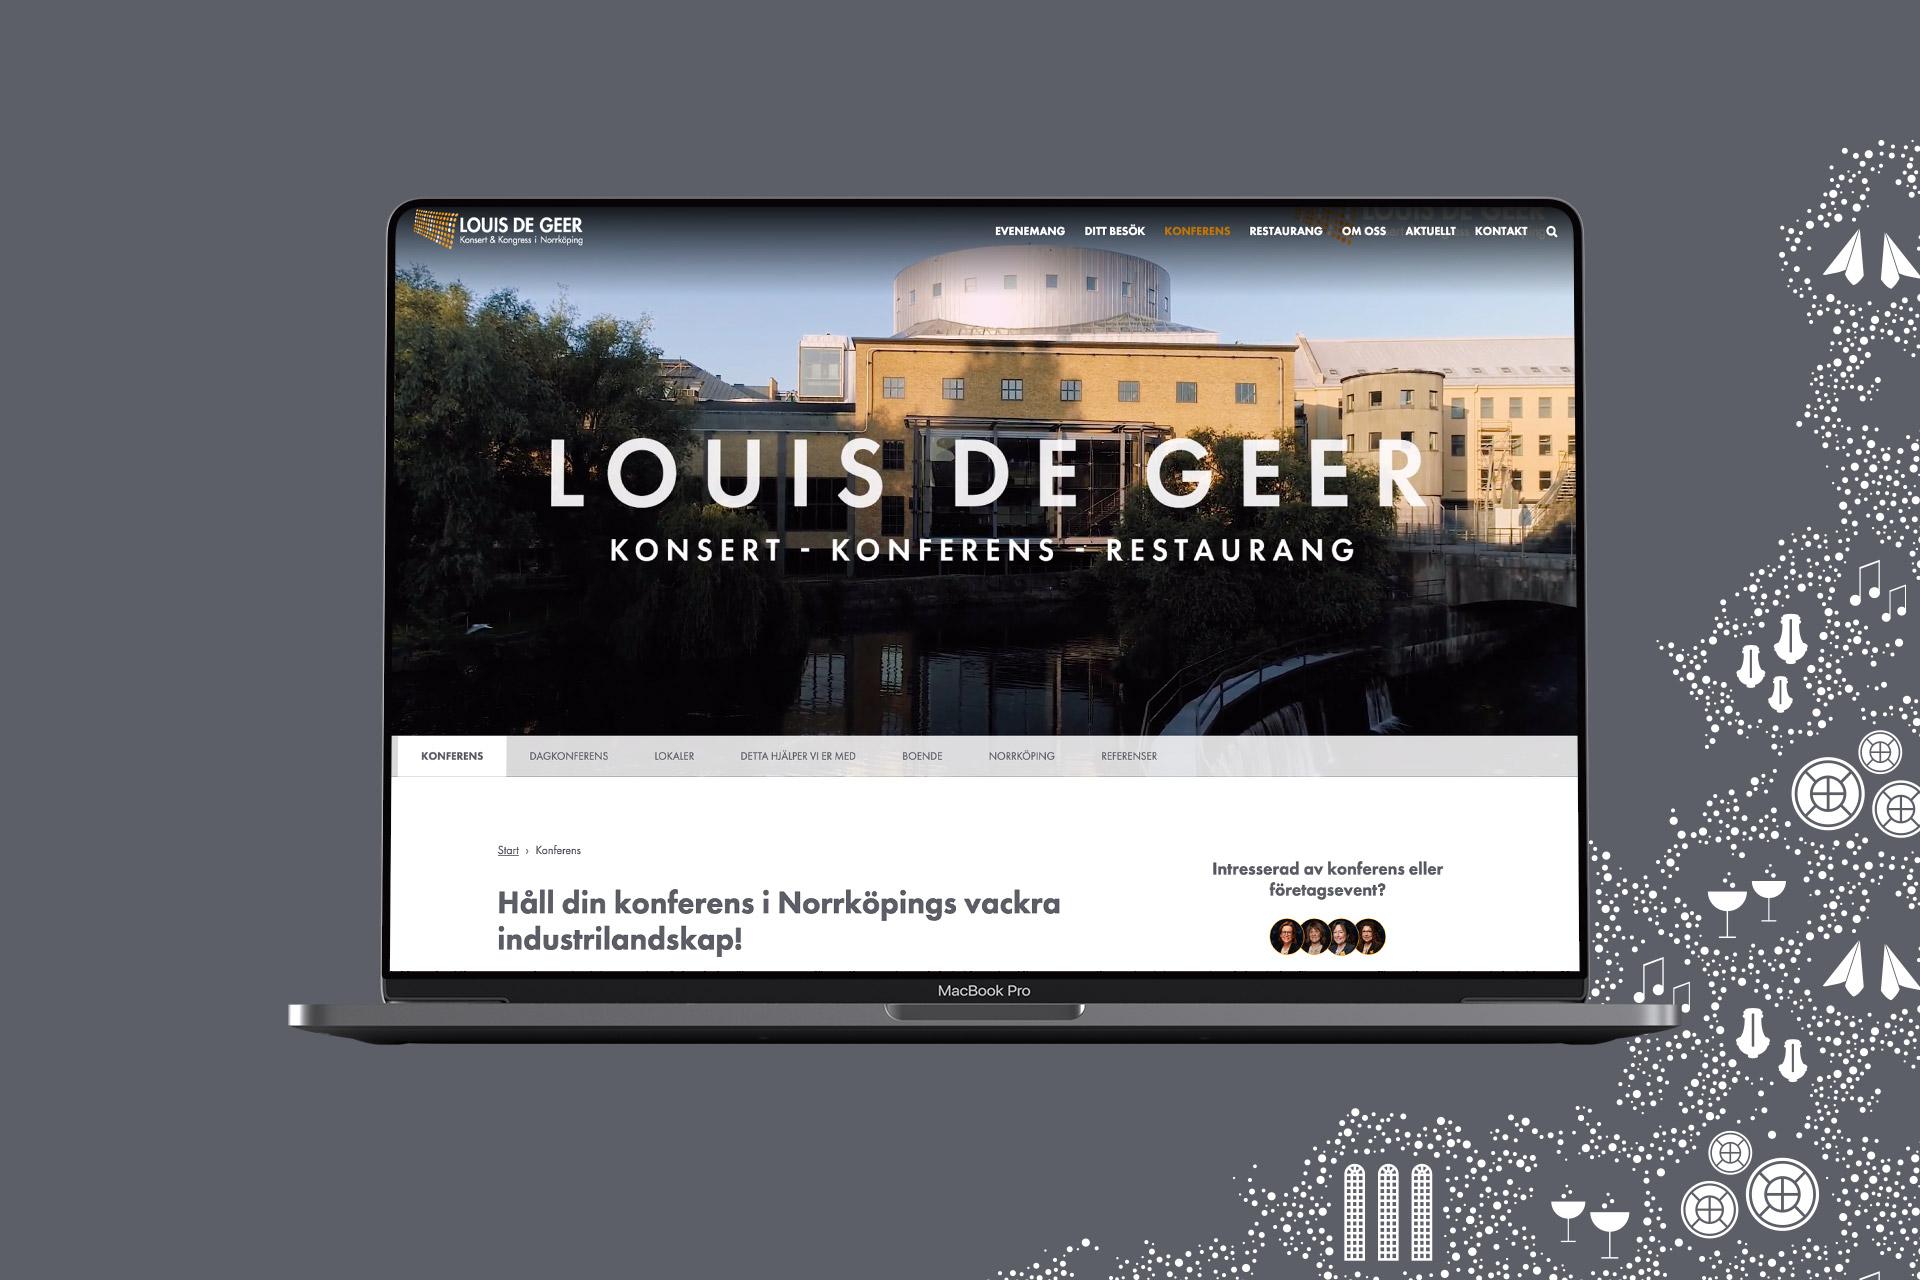 Louis de Geers hemsida